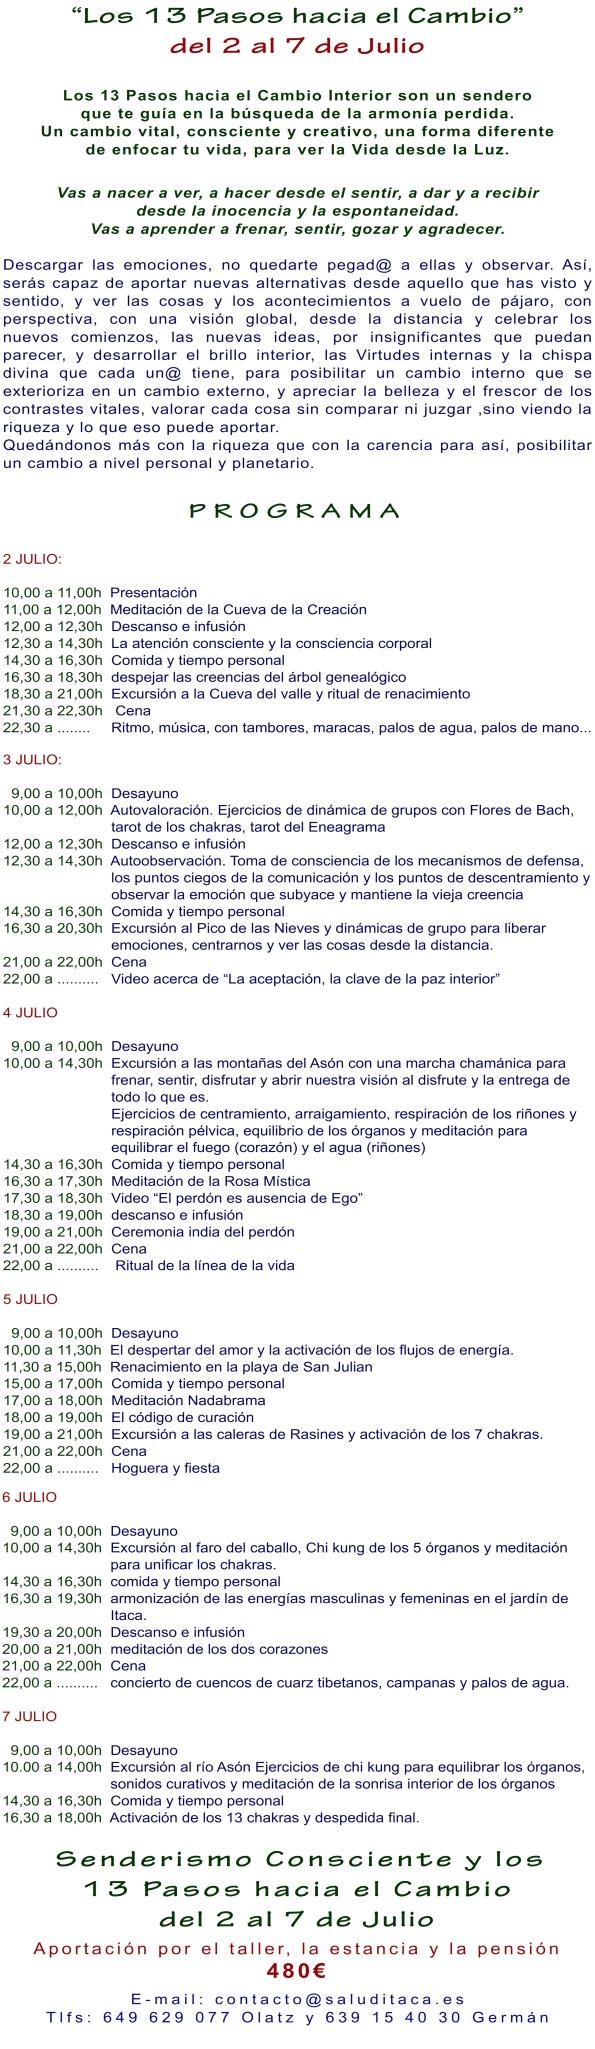 2014 LOS 13 PASOS HACIA EL CAMBIO COMPLETO